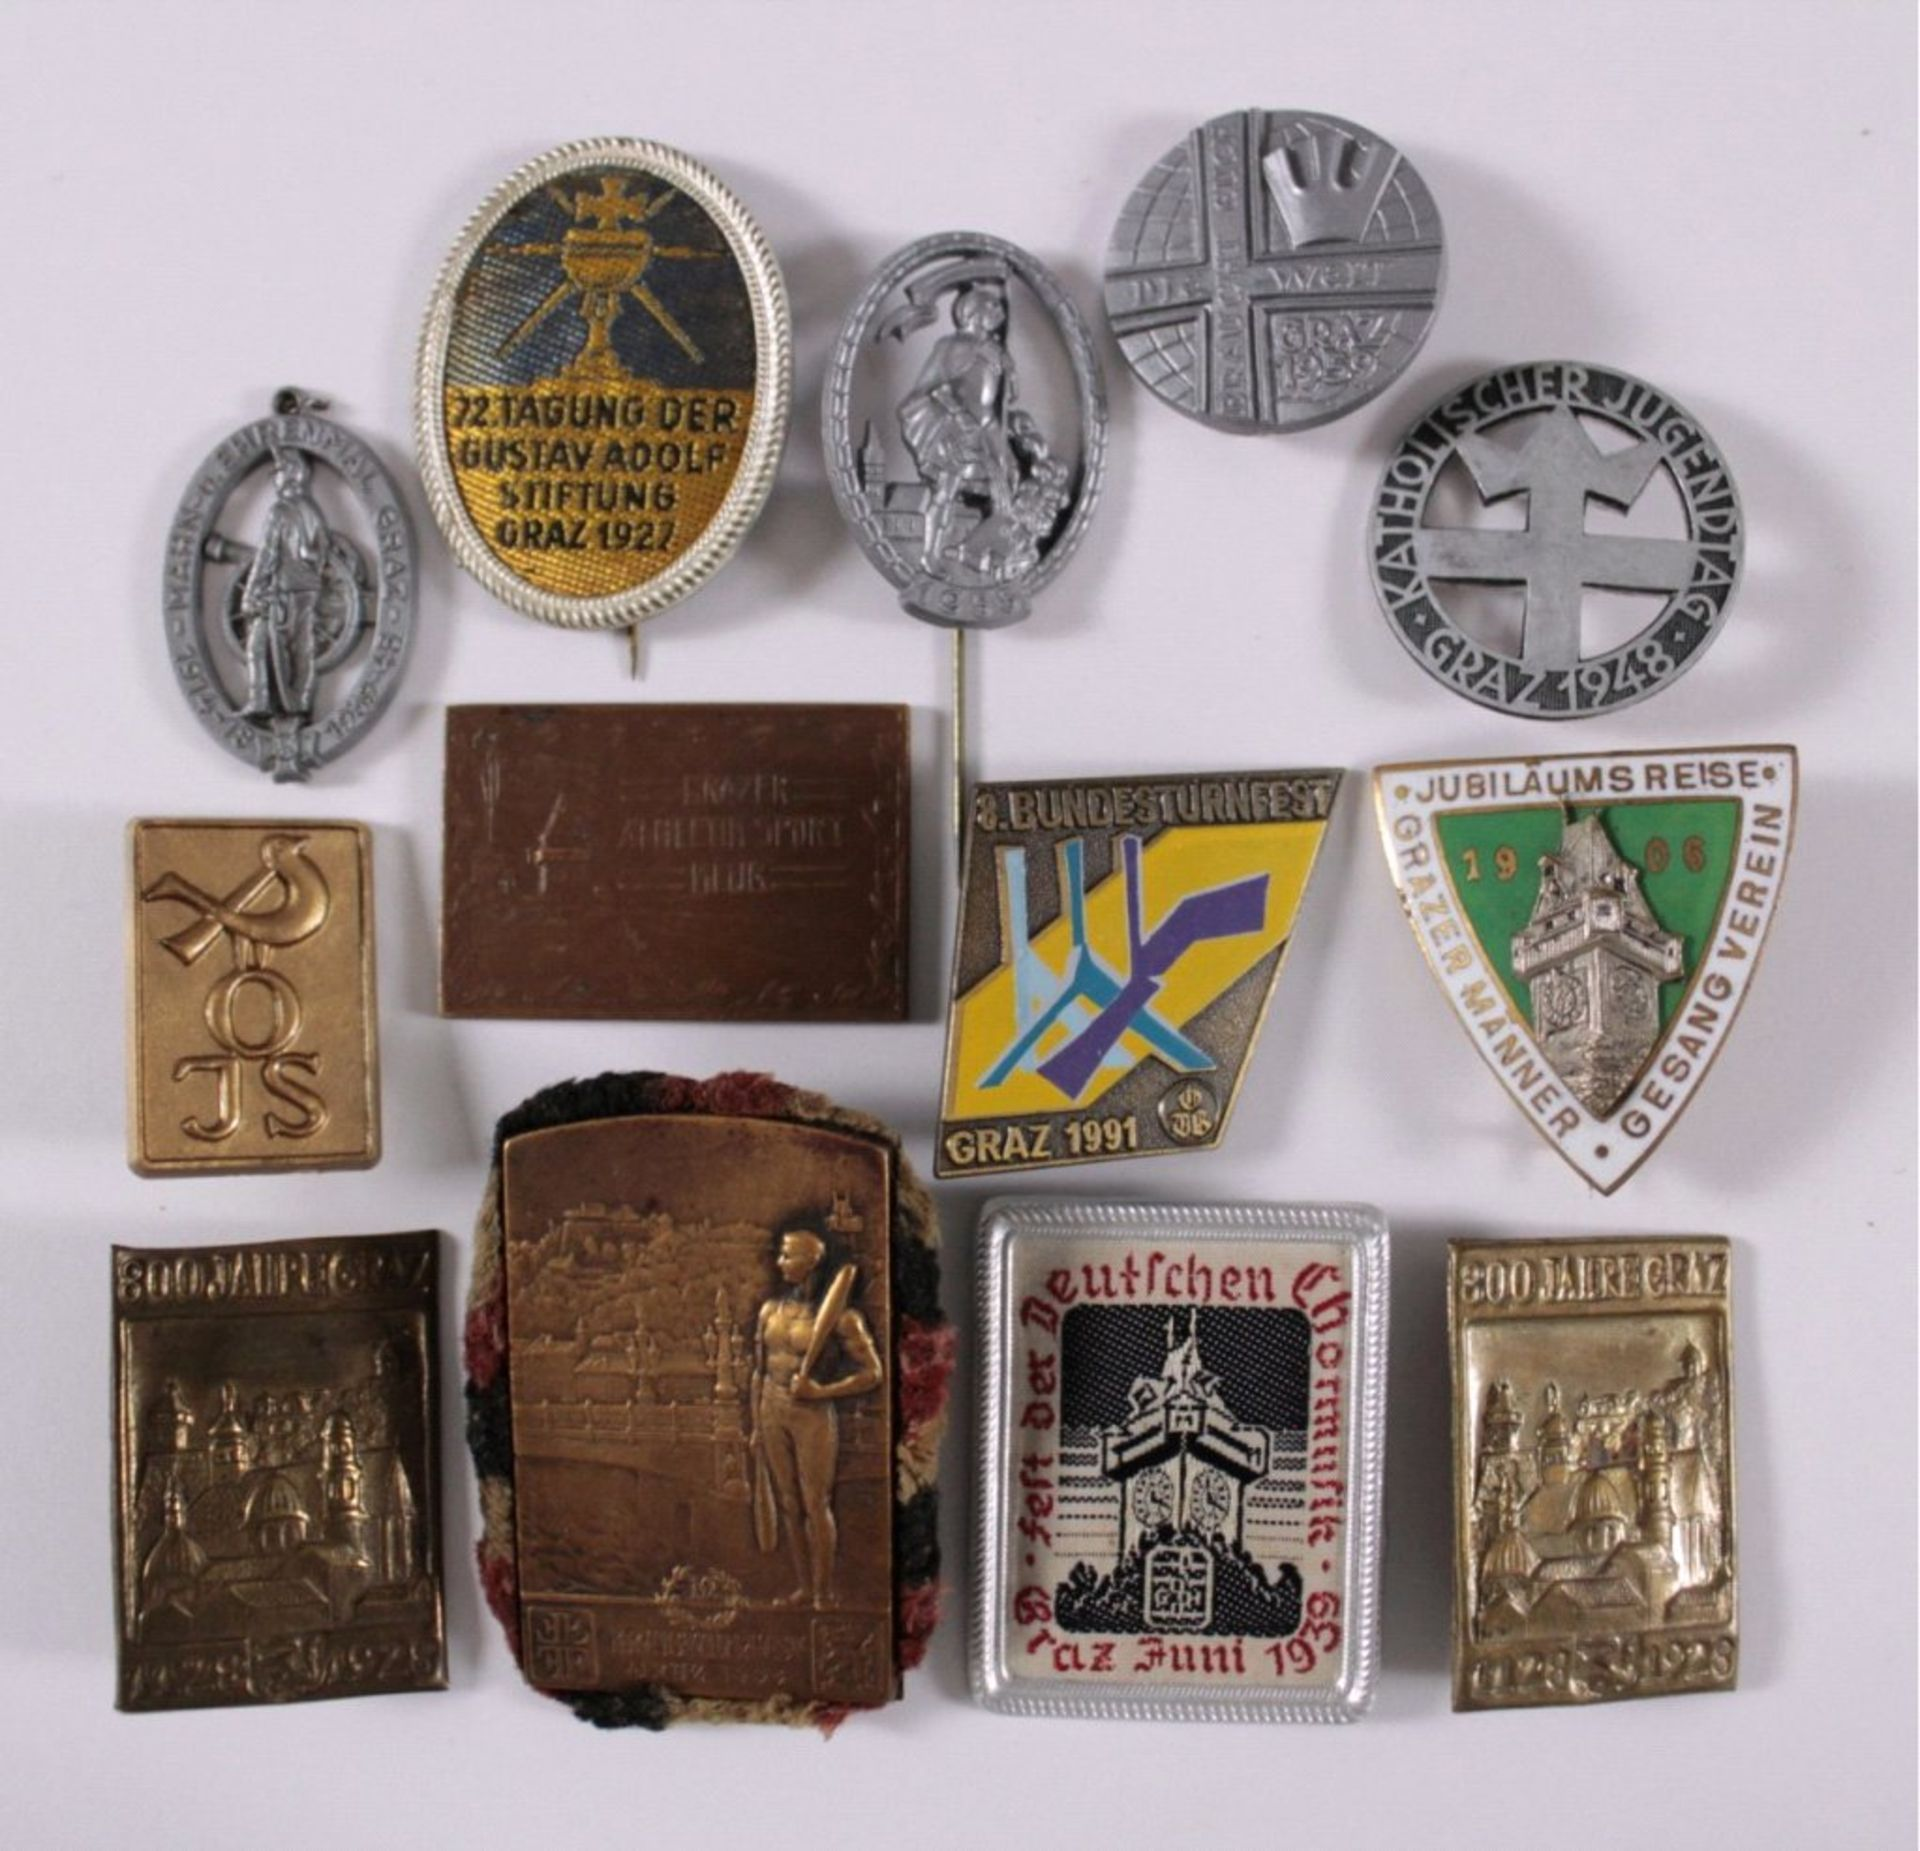 Tagungs- und Veranstaltungsabzeichen Graz13 Stück von 1906-1991. Unterschiedliche Materialien,